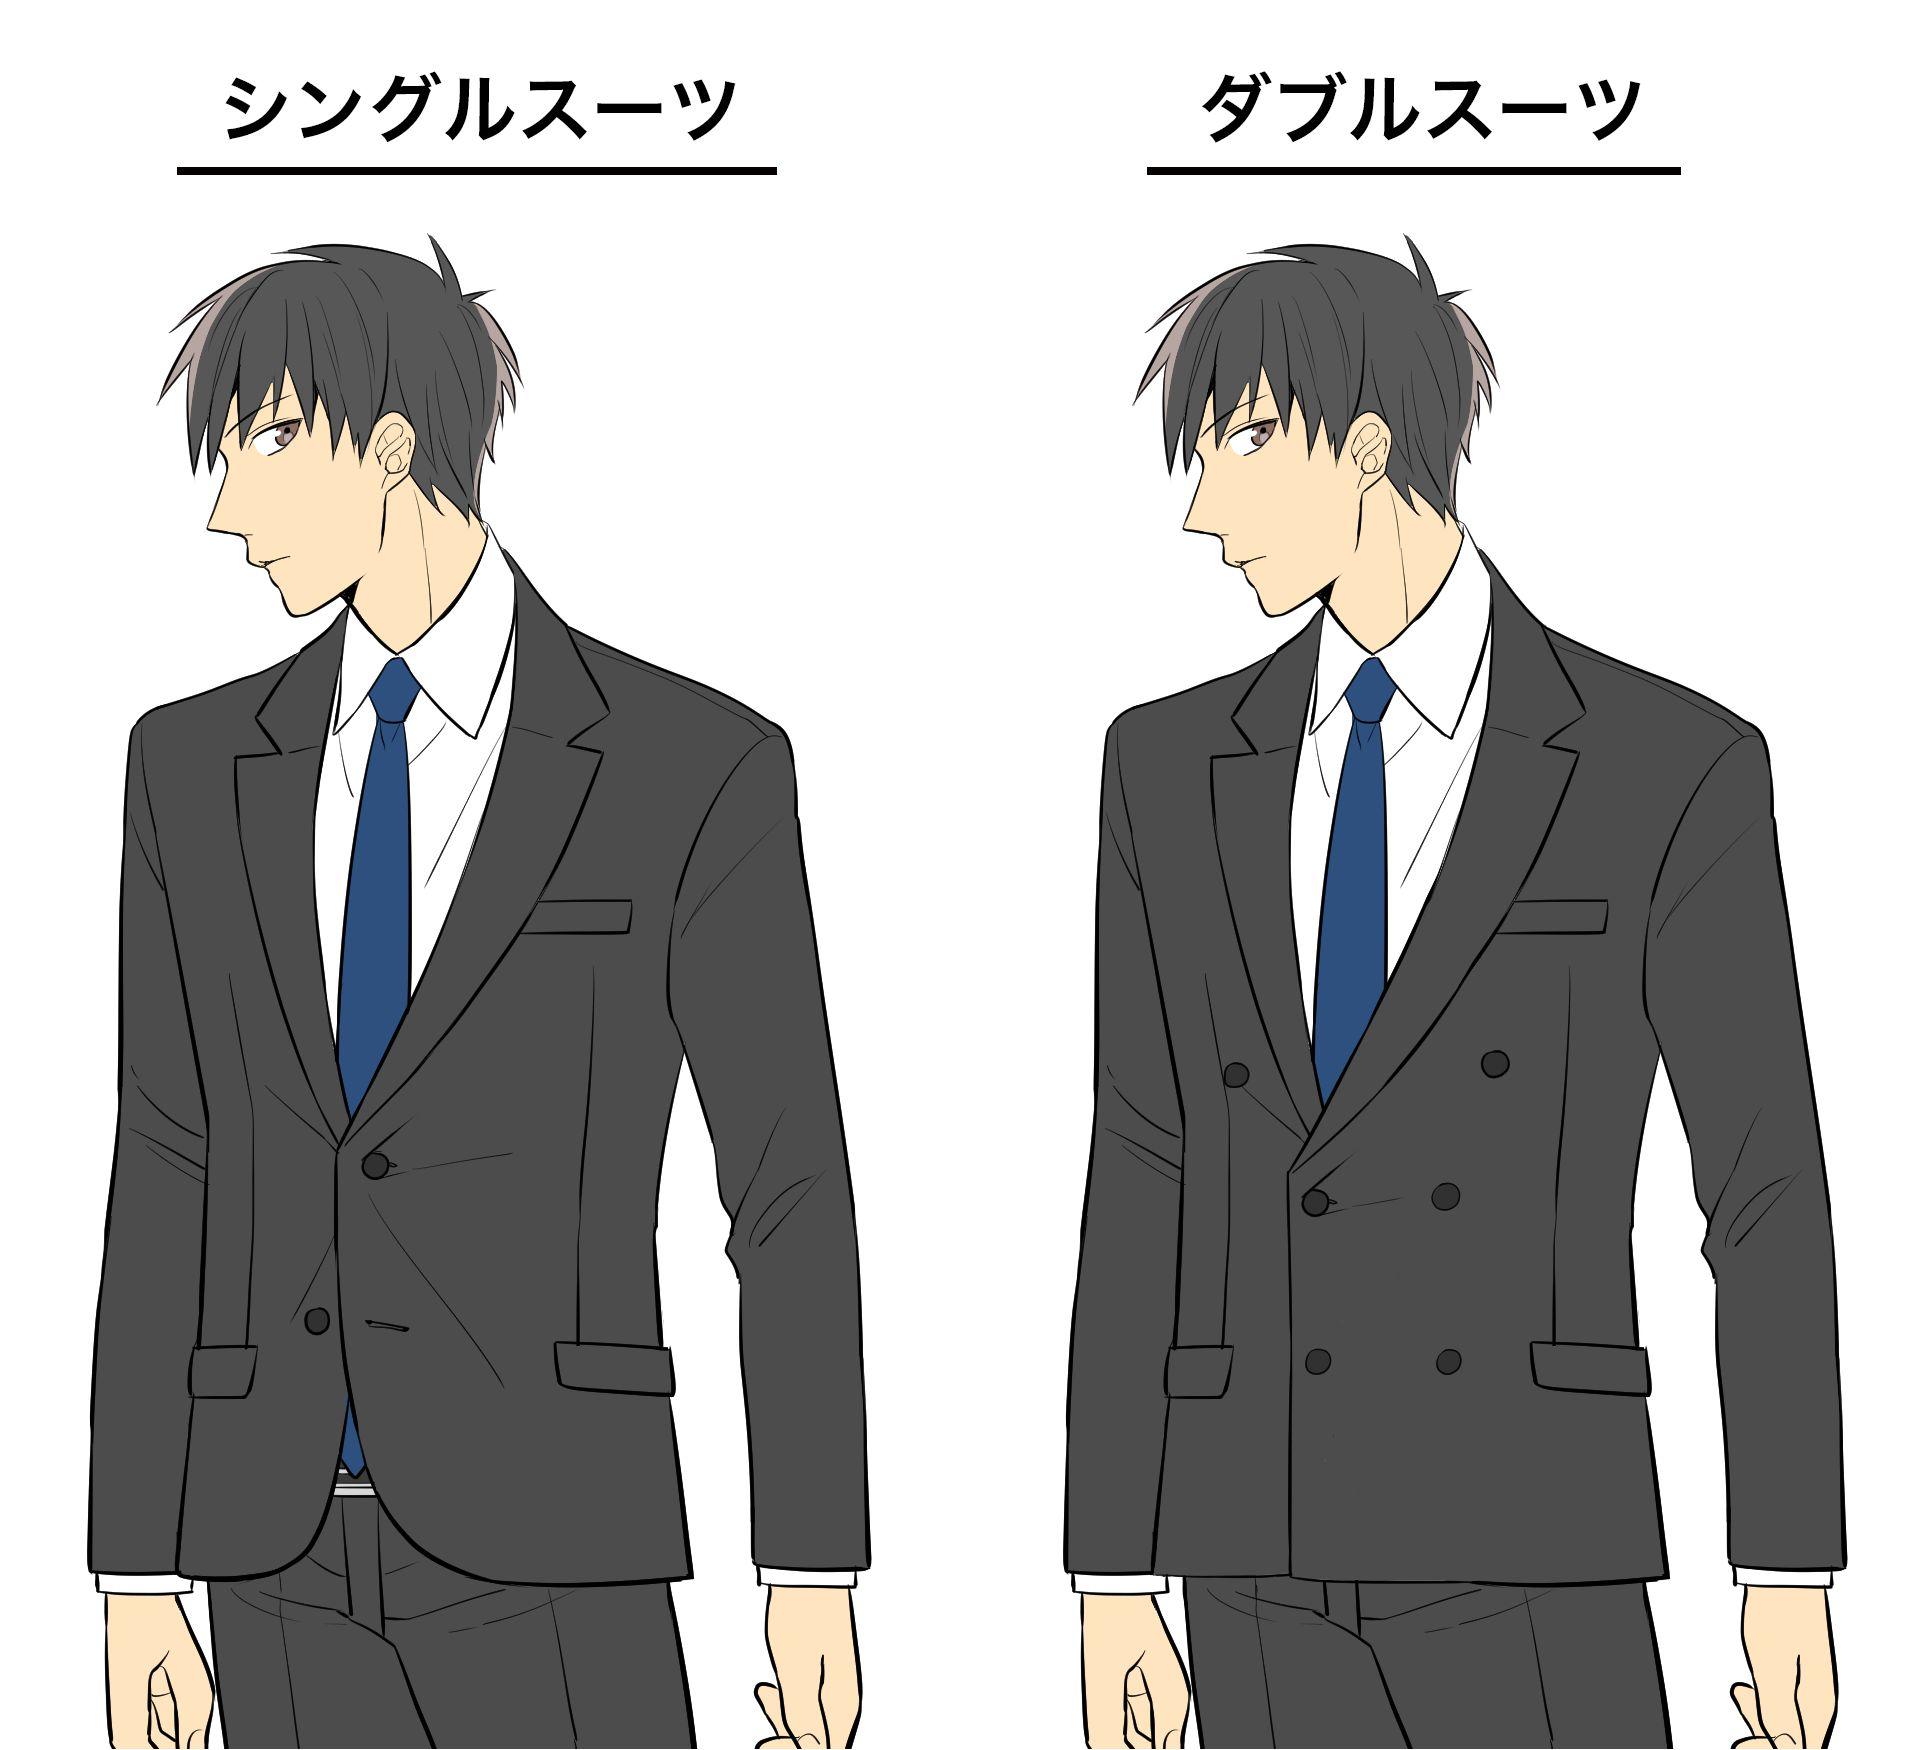 スーツの画像 p1_12